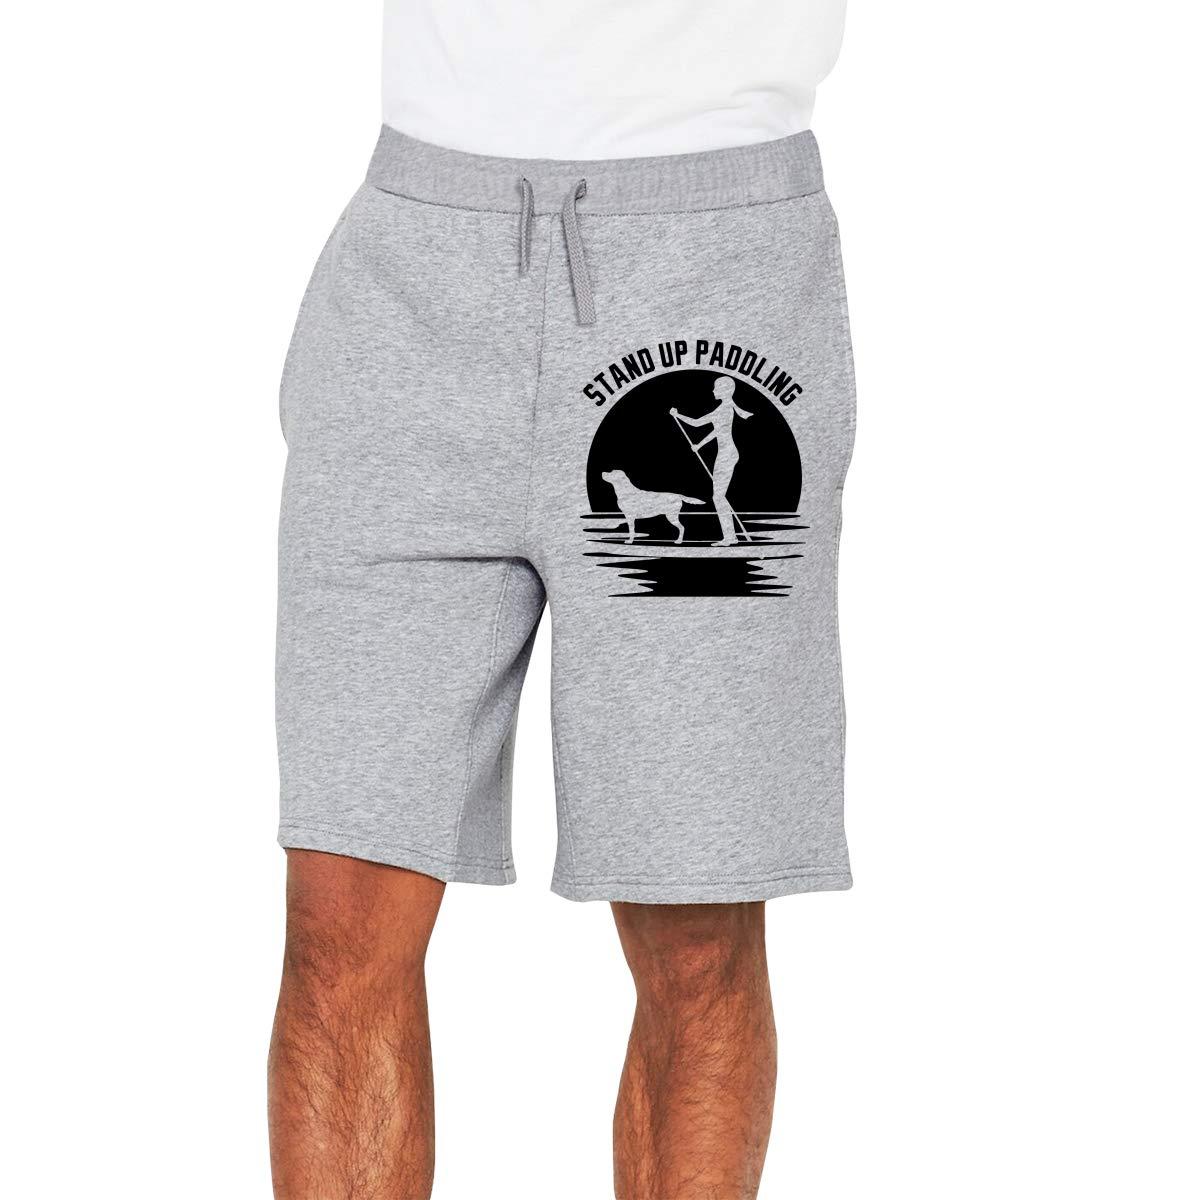 YDXC2FY Mens Boardshorts Sportswear with Elastic Waist Drawstring